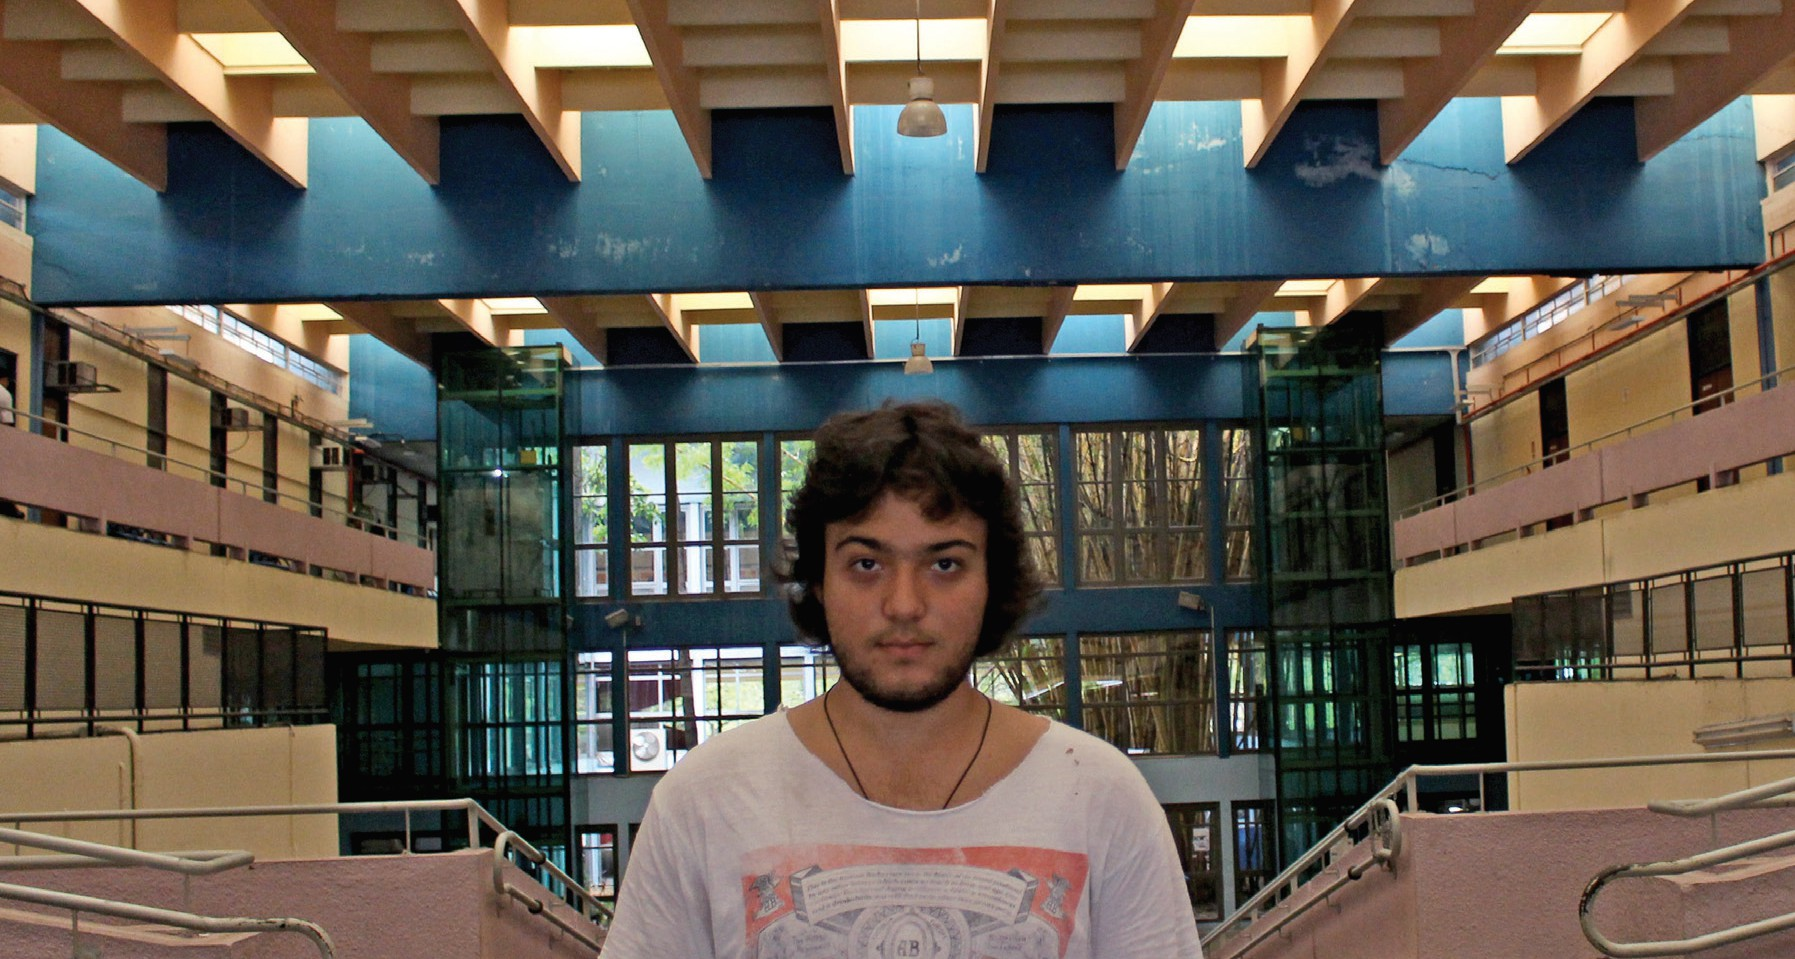 Mais De 20 Dos Alunos Deixam A Usp Jornal Do Campus